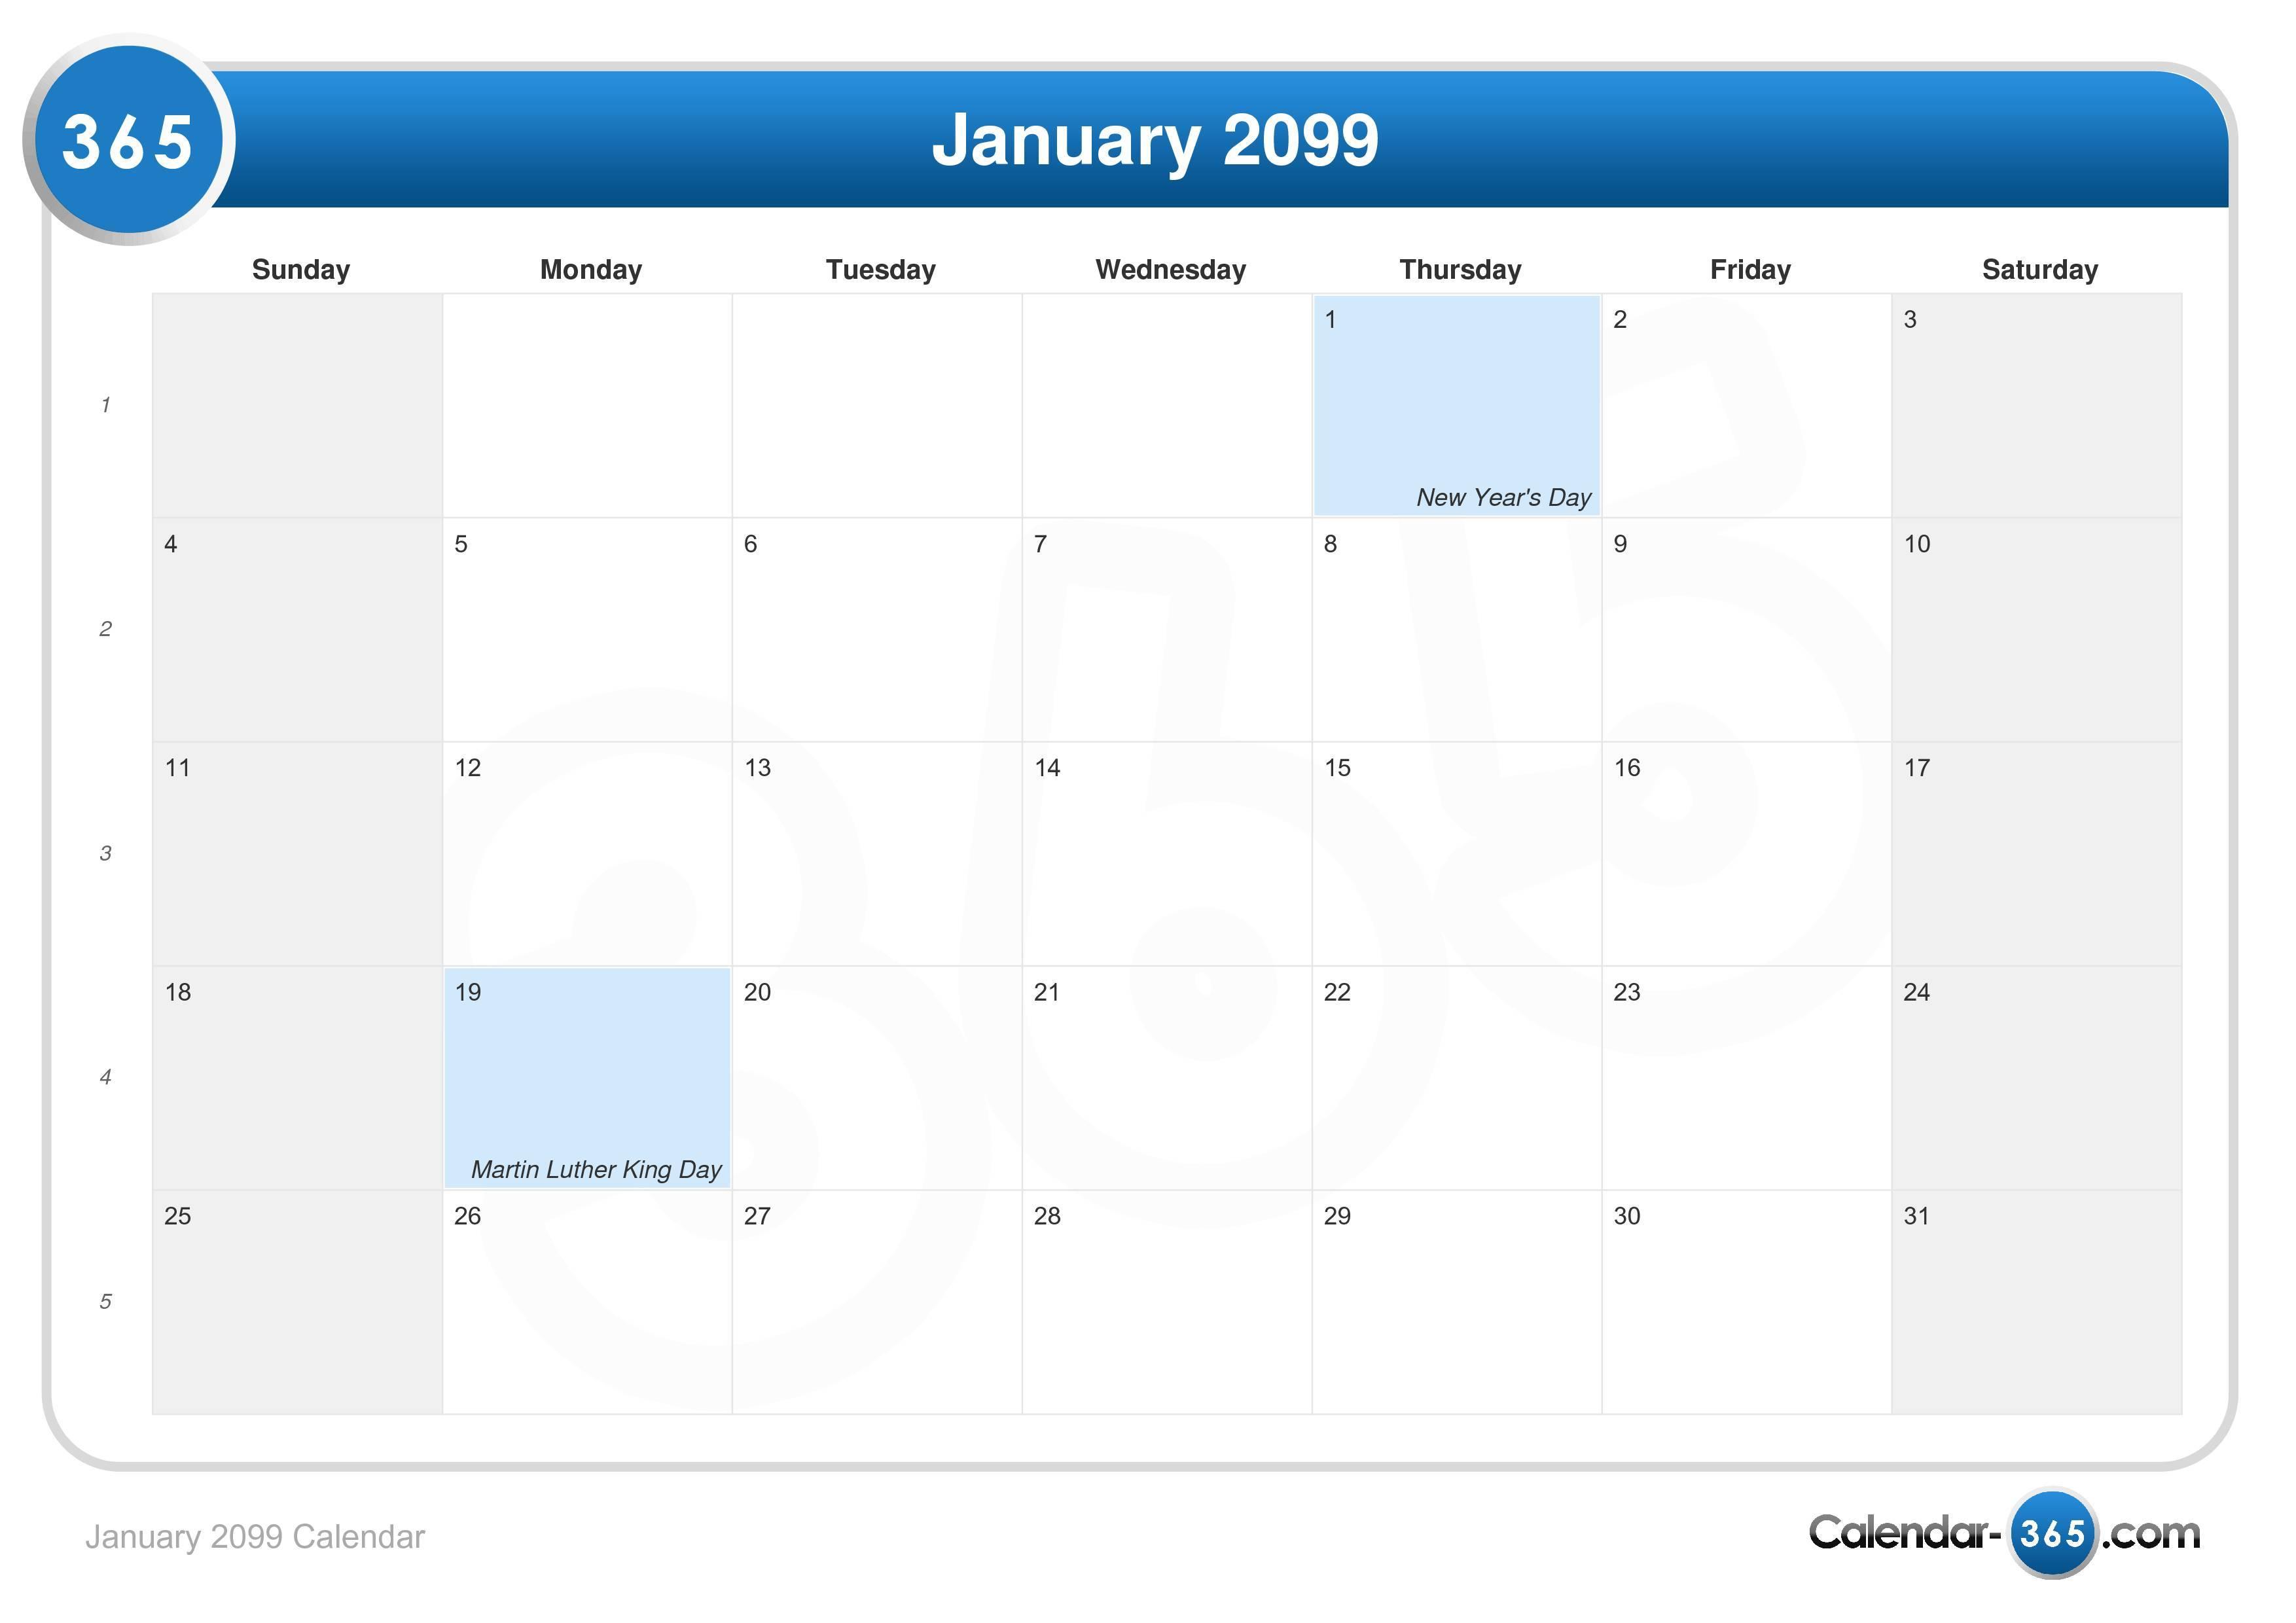 Jan 2009 calendar